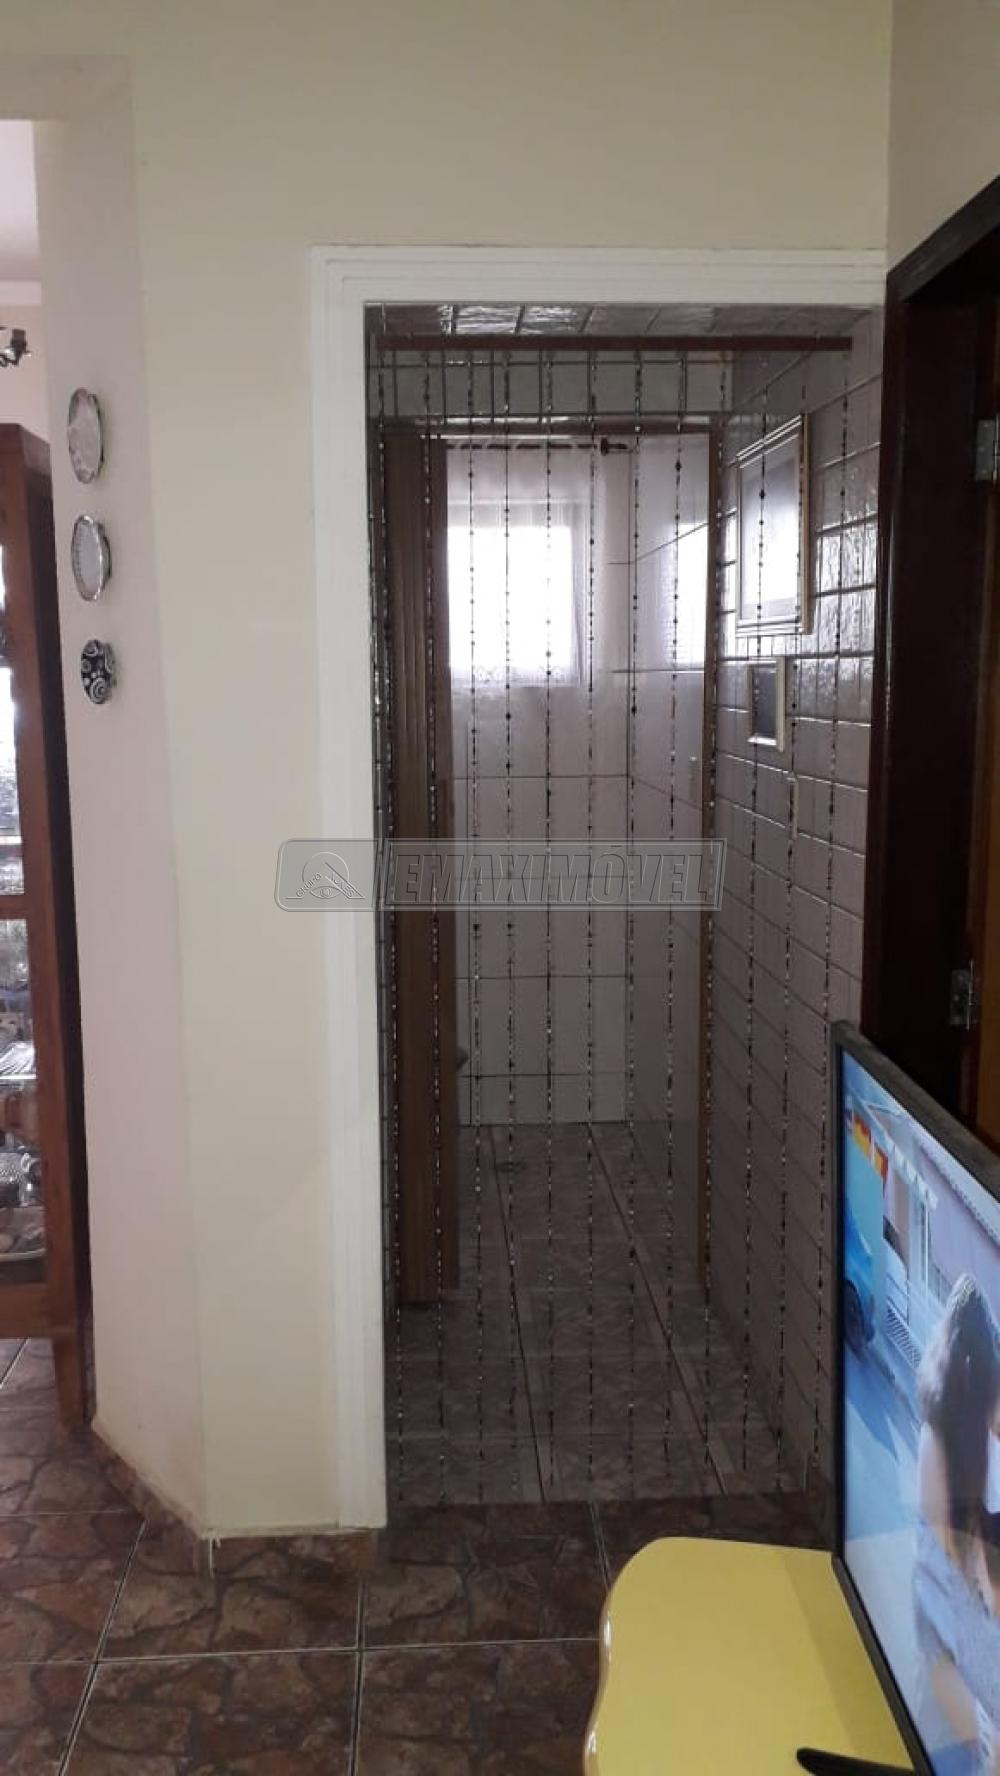 Comprar Apartamento / Padrão em Sorocaba R$ 885.000,00 - Foto 6